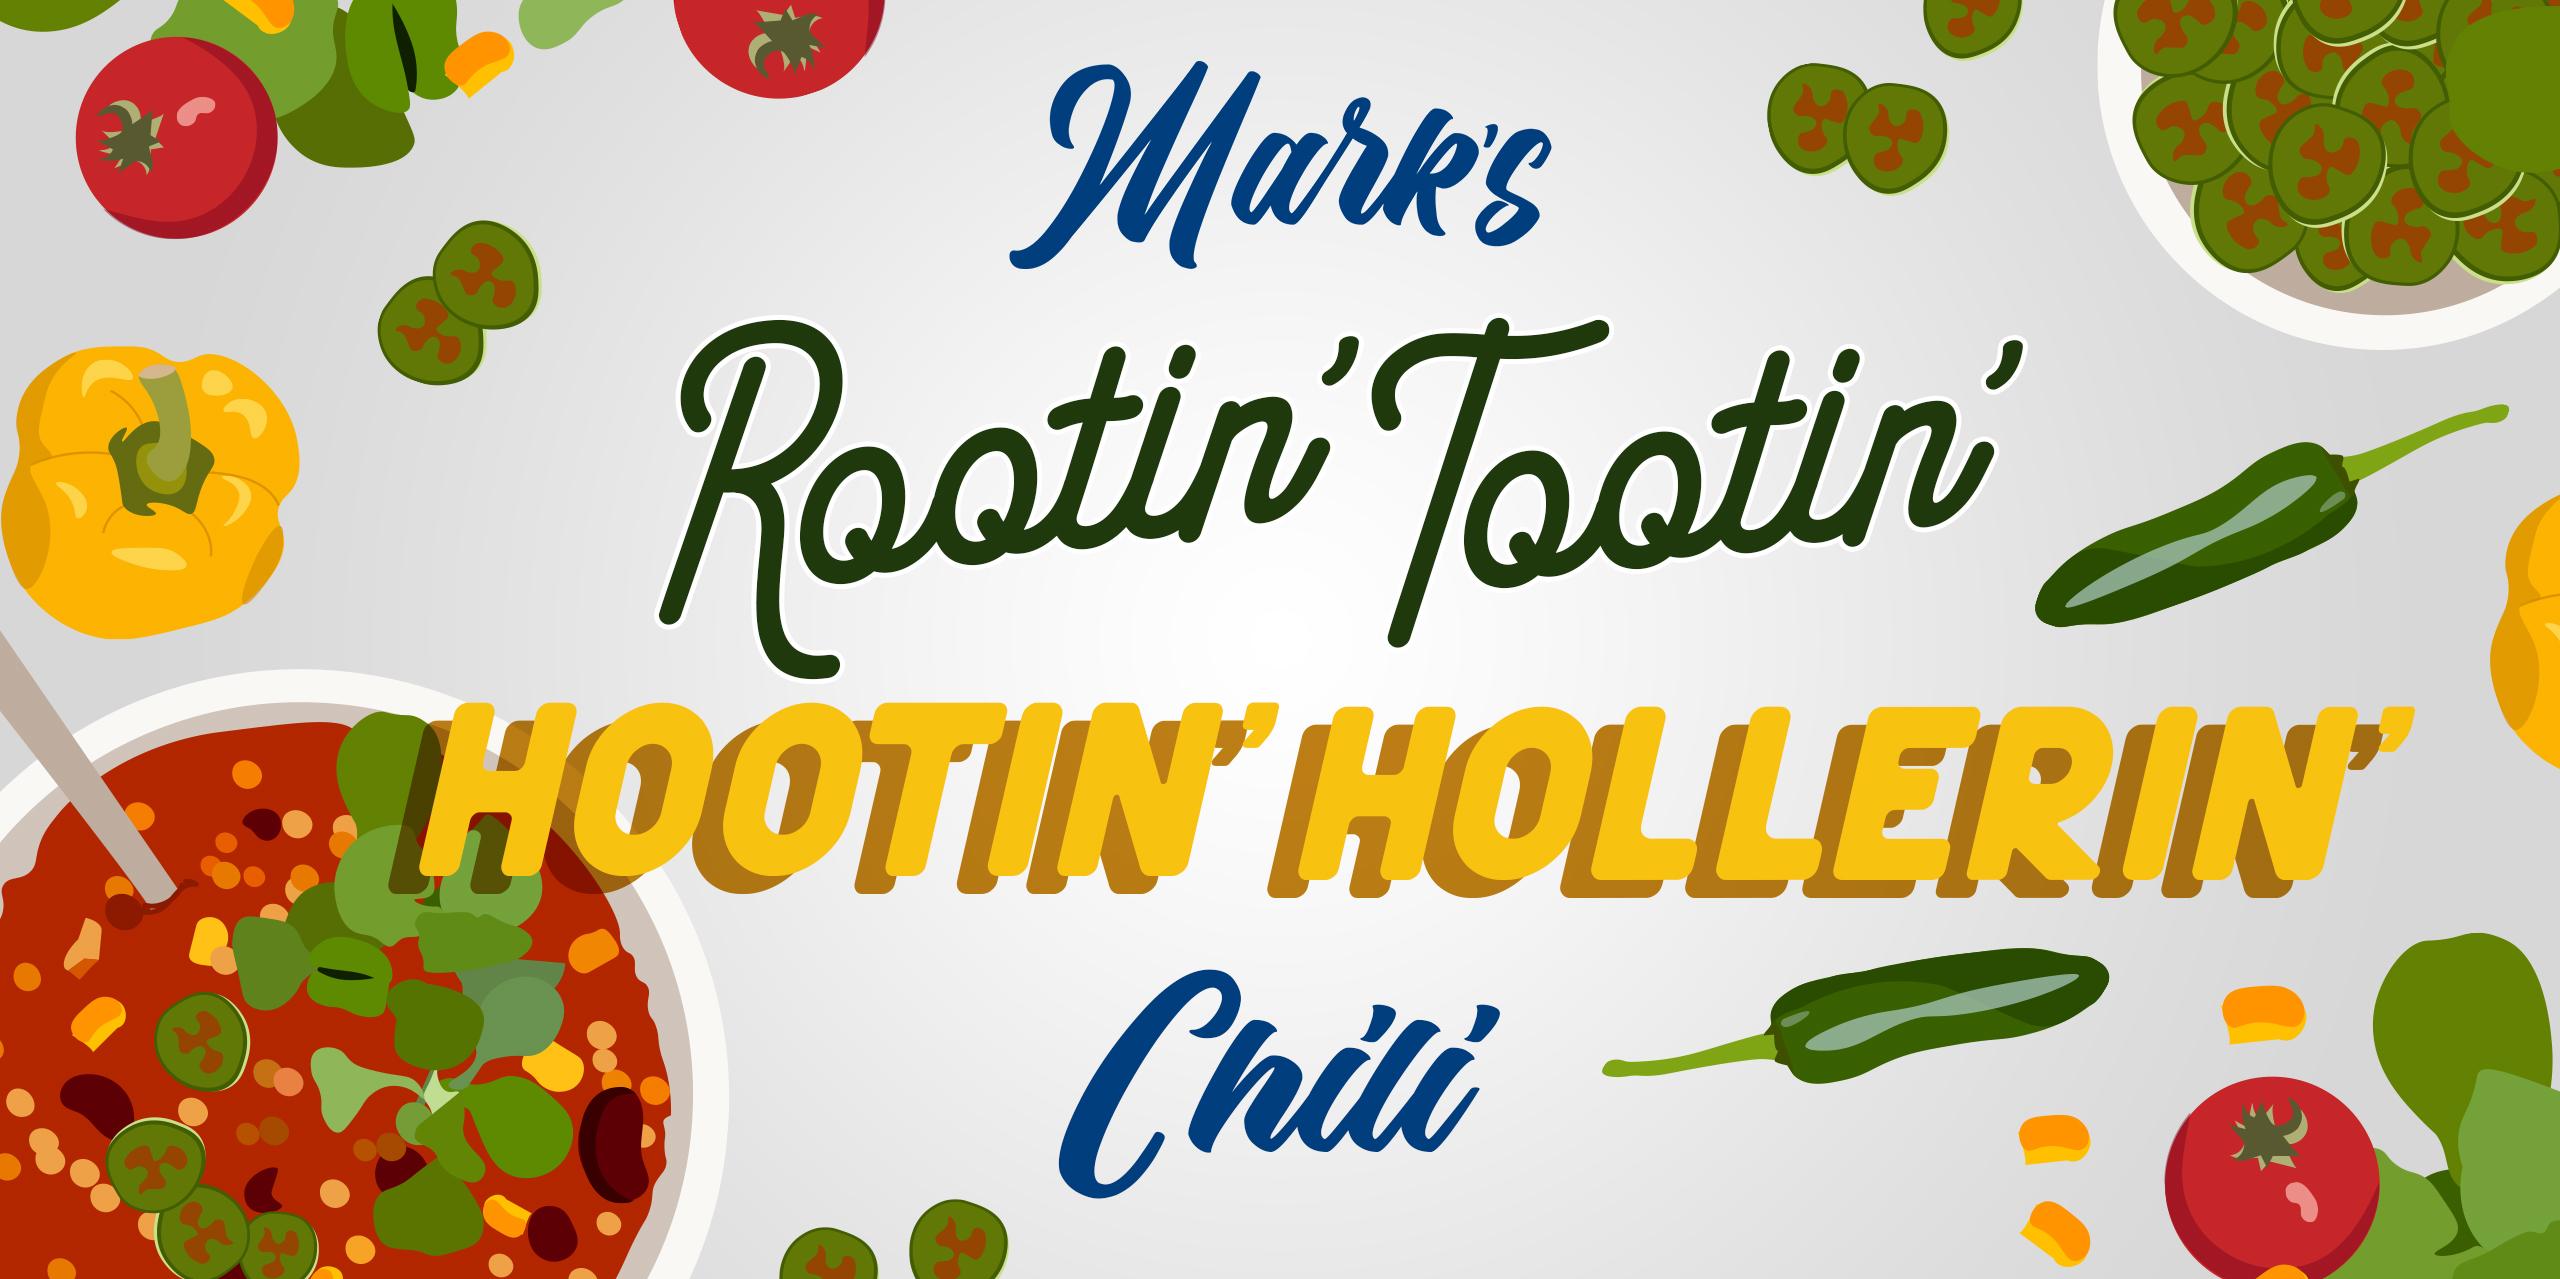 Mark's Rootin' Tootin', Hootin' Hollerin' Chili